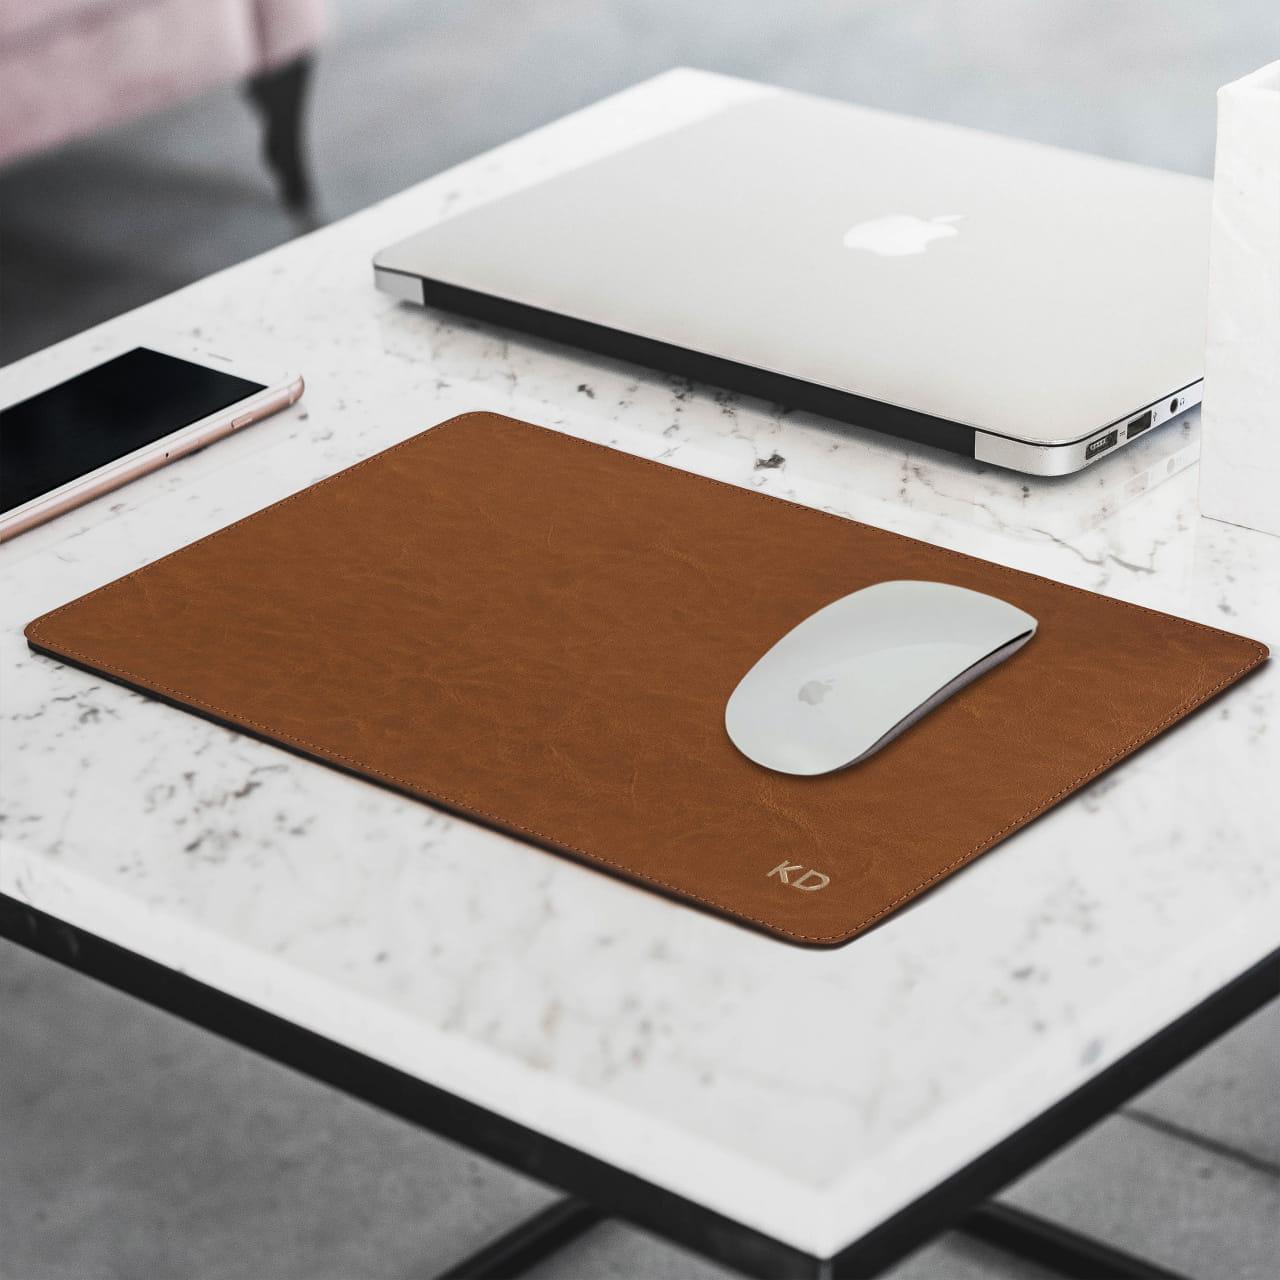 Skórzana podkładka pod mysz jako gadżet do biura